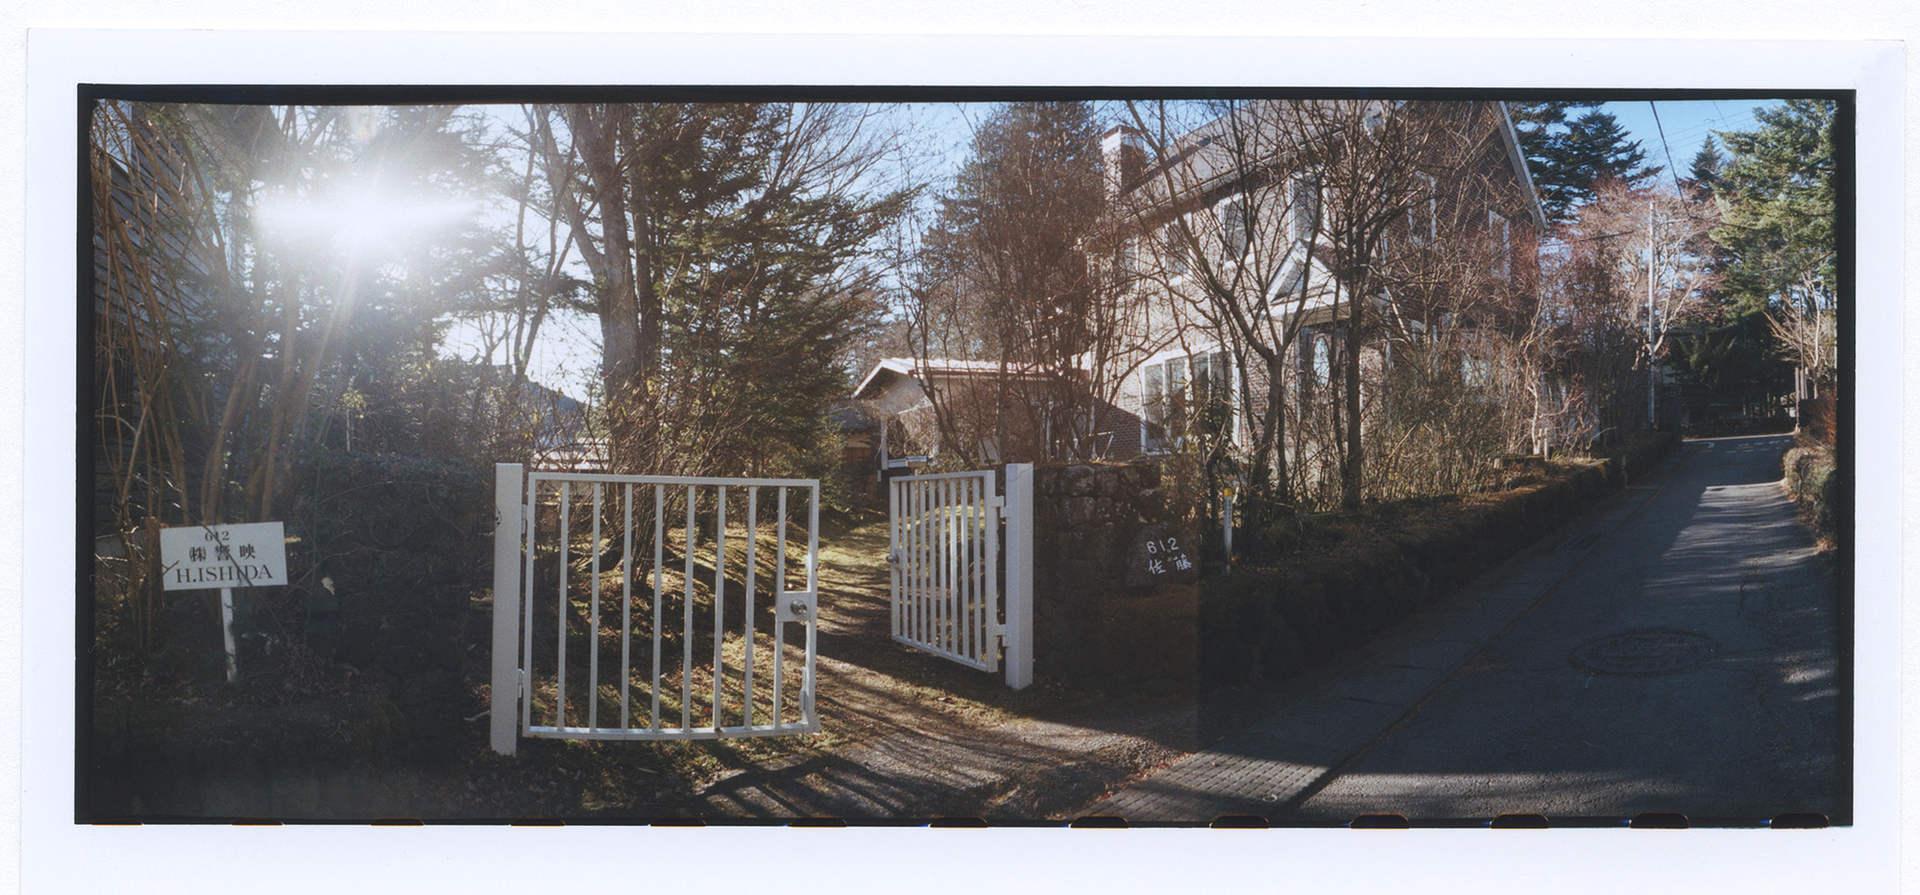 WIDELUX_KARUIZAWA_003 .jpg